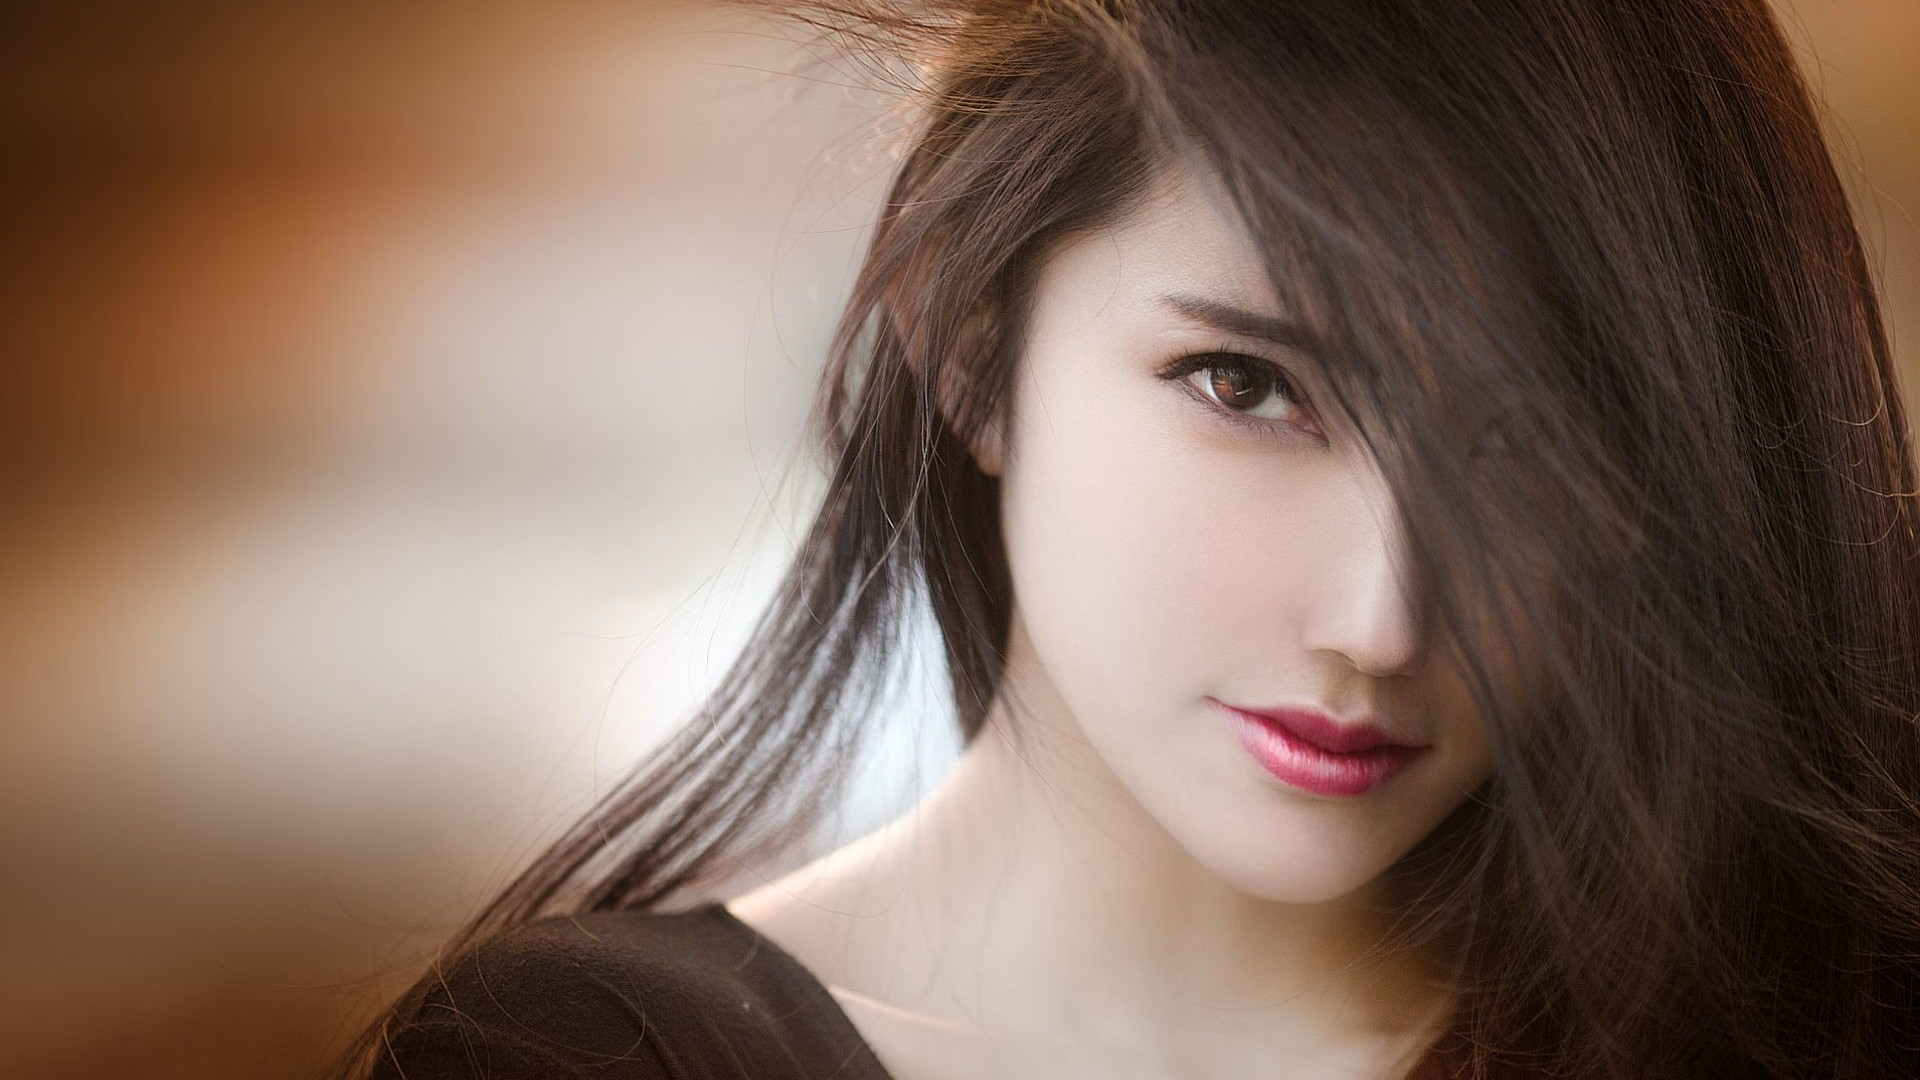 Beautiful Girl Face Wallpaper HD Download For Desktop